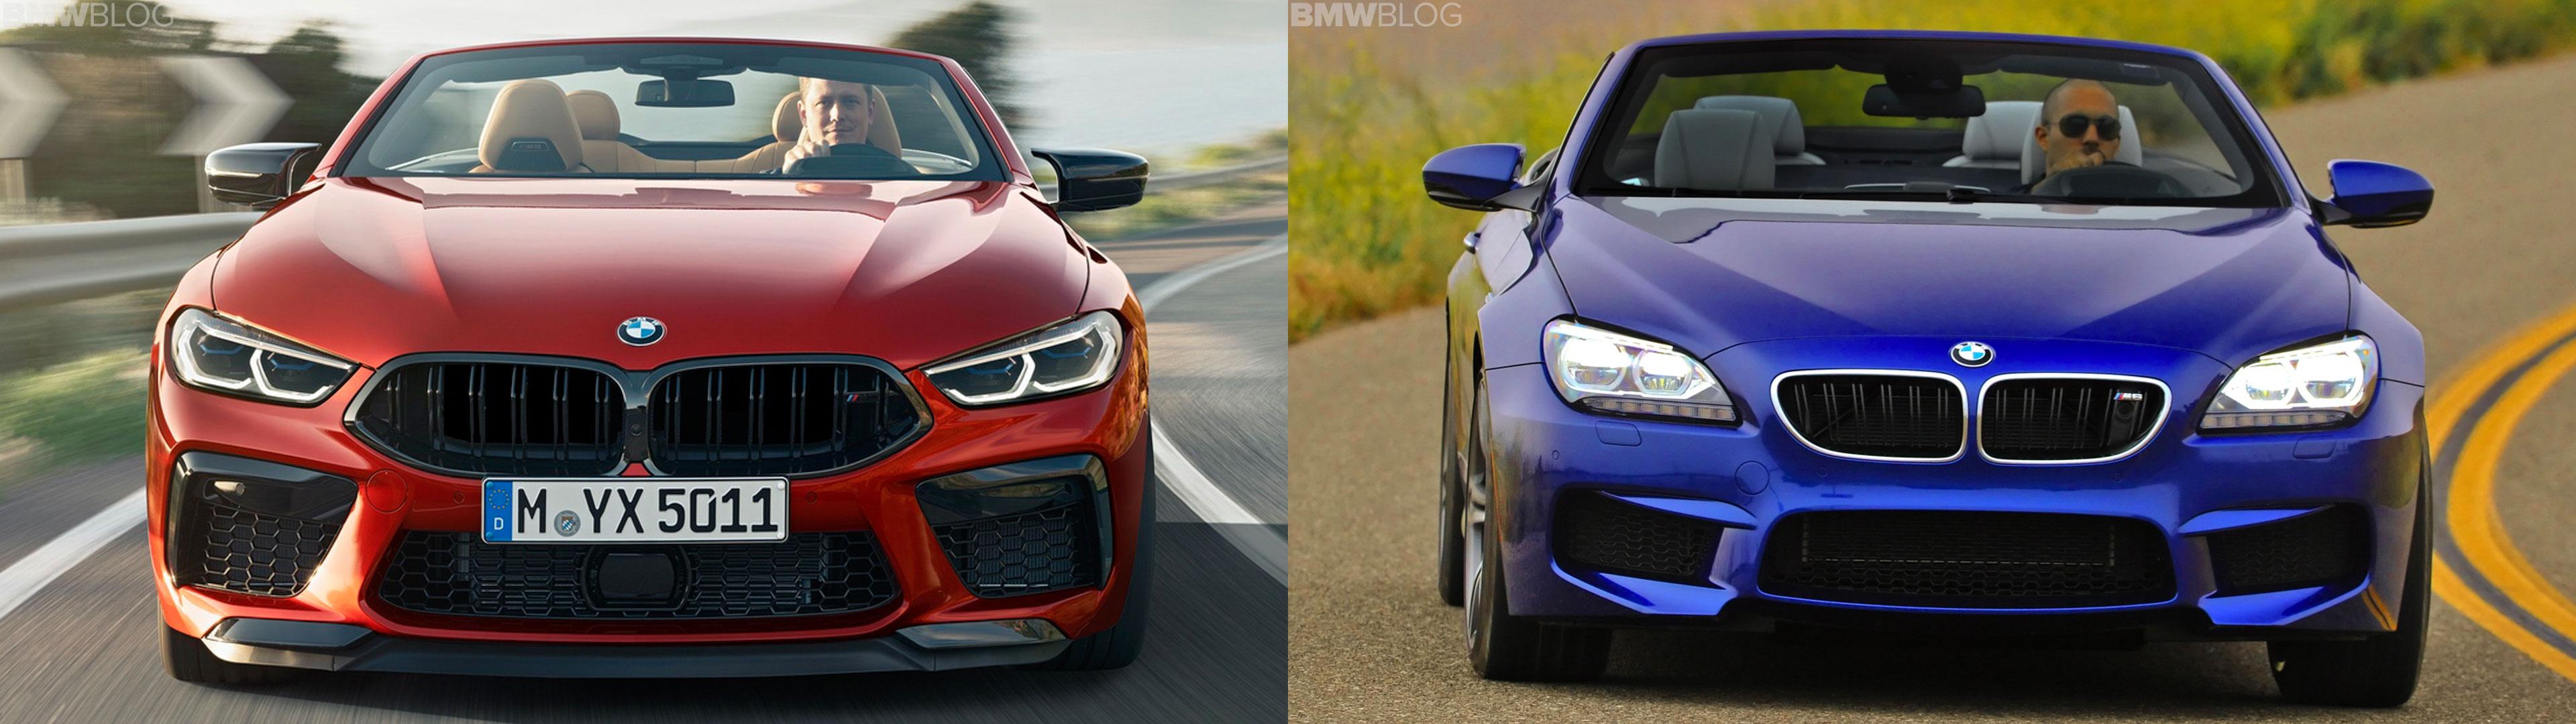 BMW M6 Convertible BMW M8 Convertible